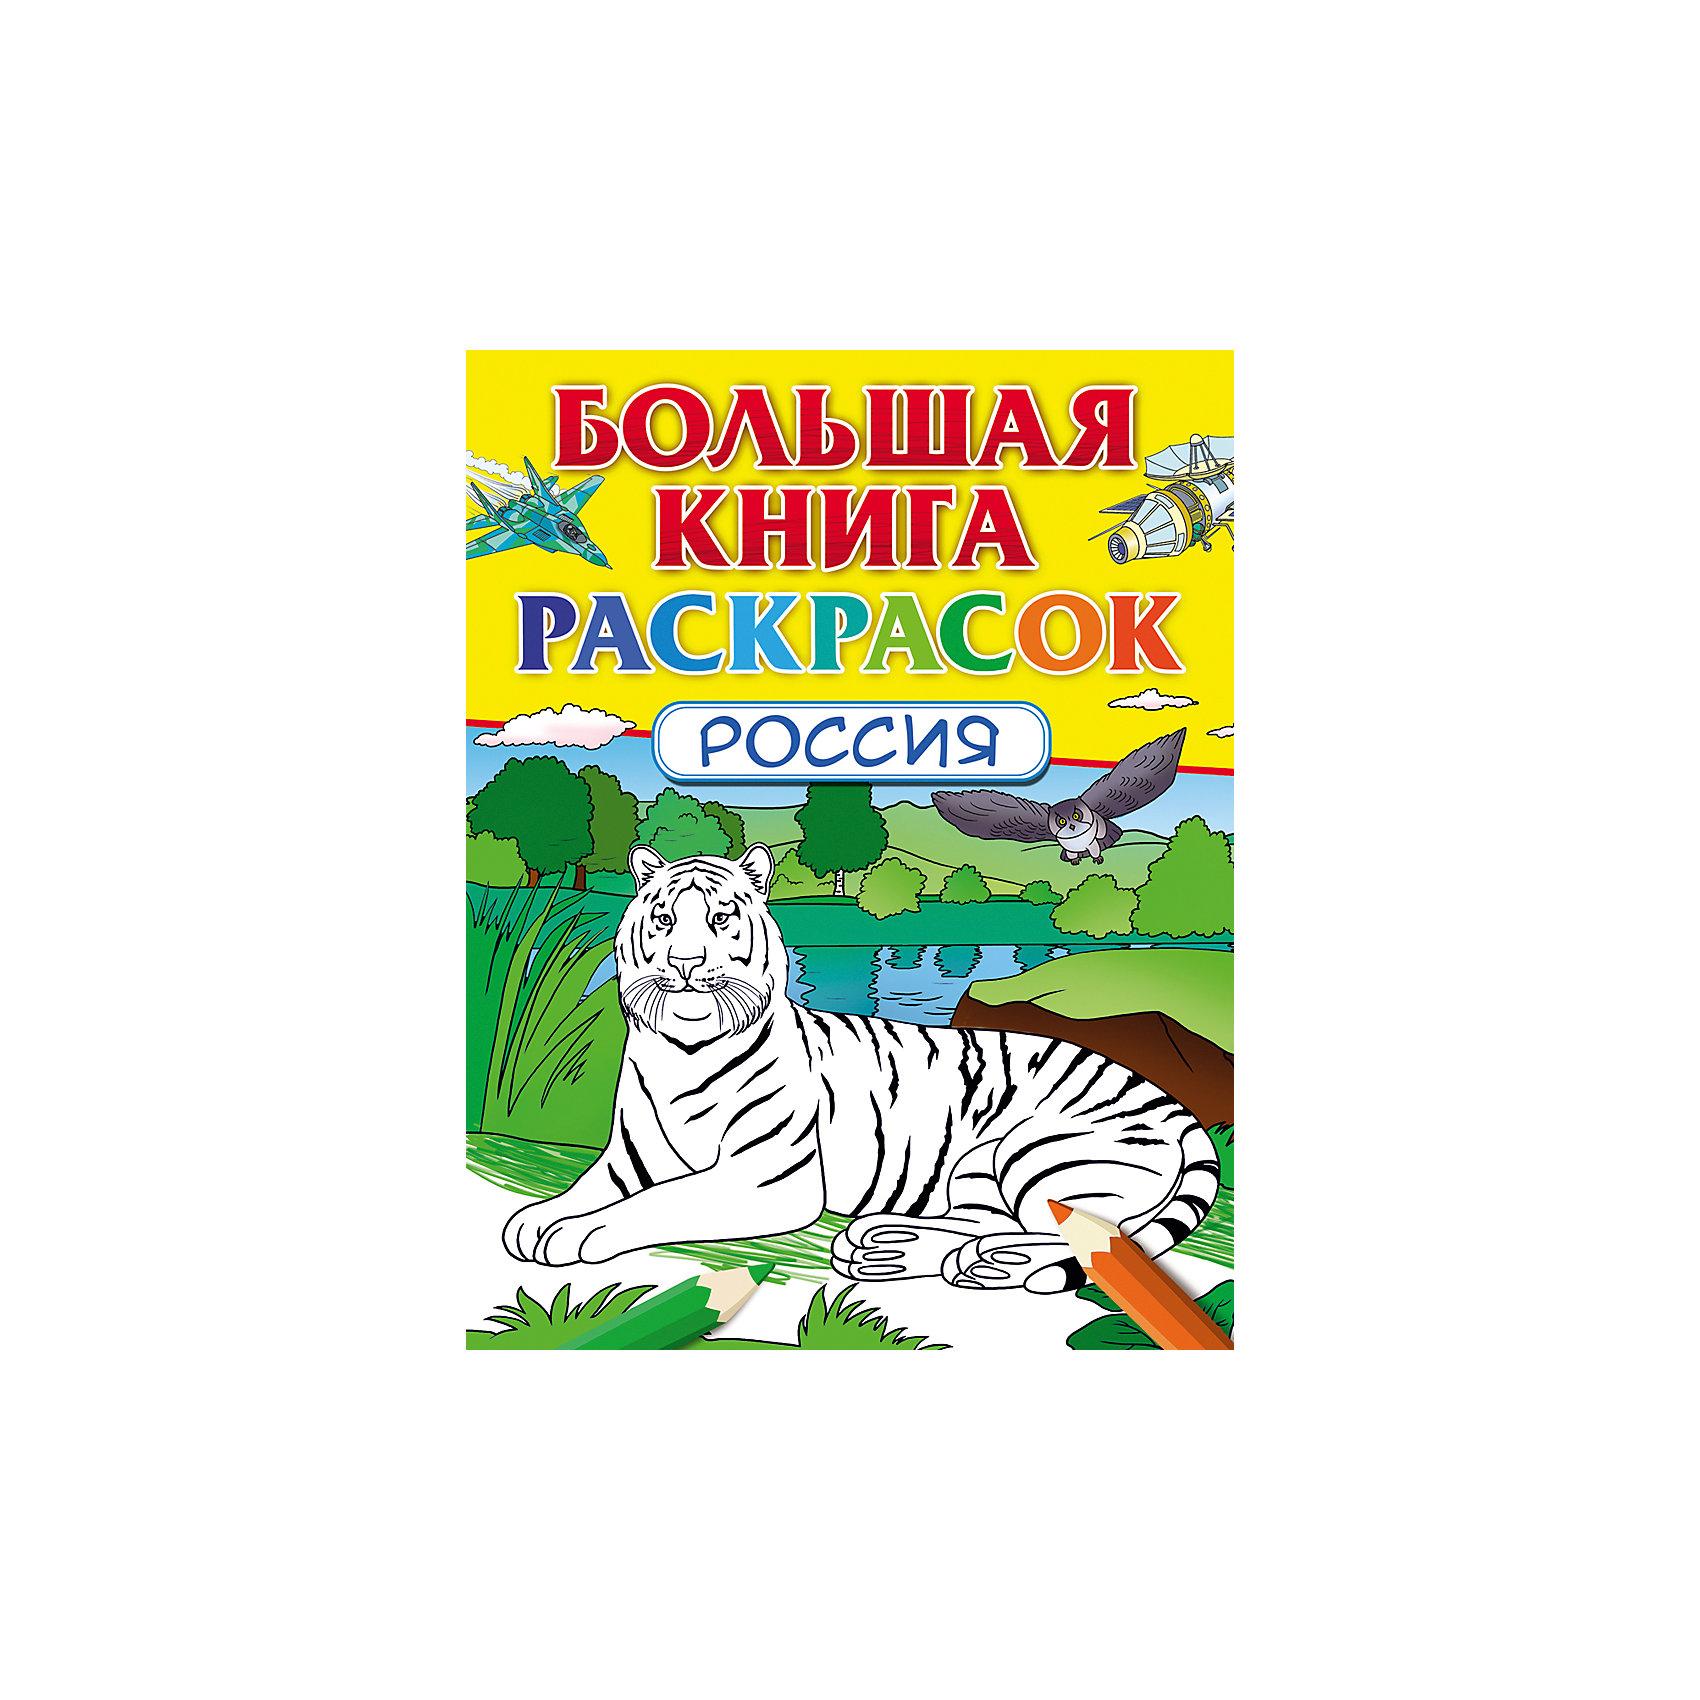 Большая книга раскрасок РоссияРаскраски по номерам<br>Сборник красочных, интересных и в то же время удивительно познавательных раскрасок о нашей Родине. Раскрашивая, ребенок познакомится с основными темами, посвященными России и русской истории.<br><br>Ширина мм: 274<br>Глубина мм: 210<br>Высота мм: 8<br>Вес г: 249<br>Возраст от месяцев: 60<br>Возраст до месяцев: 120<br>Пол: Унисекс<br>Возраст: Детский<br>SKU: 4712338